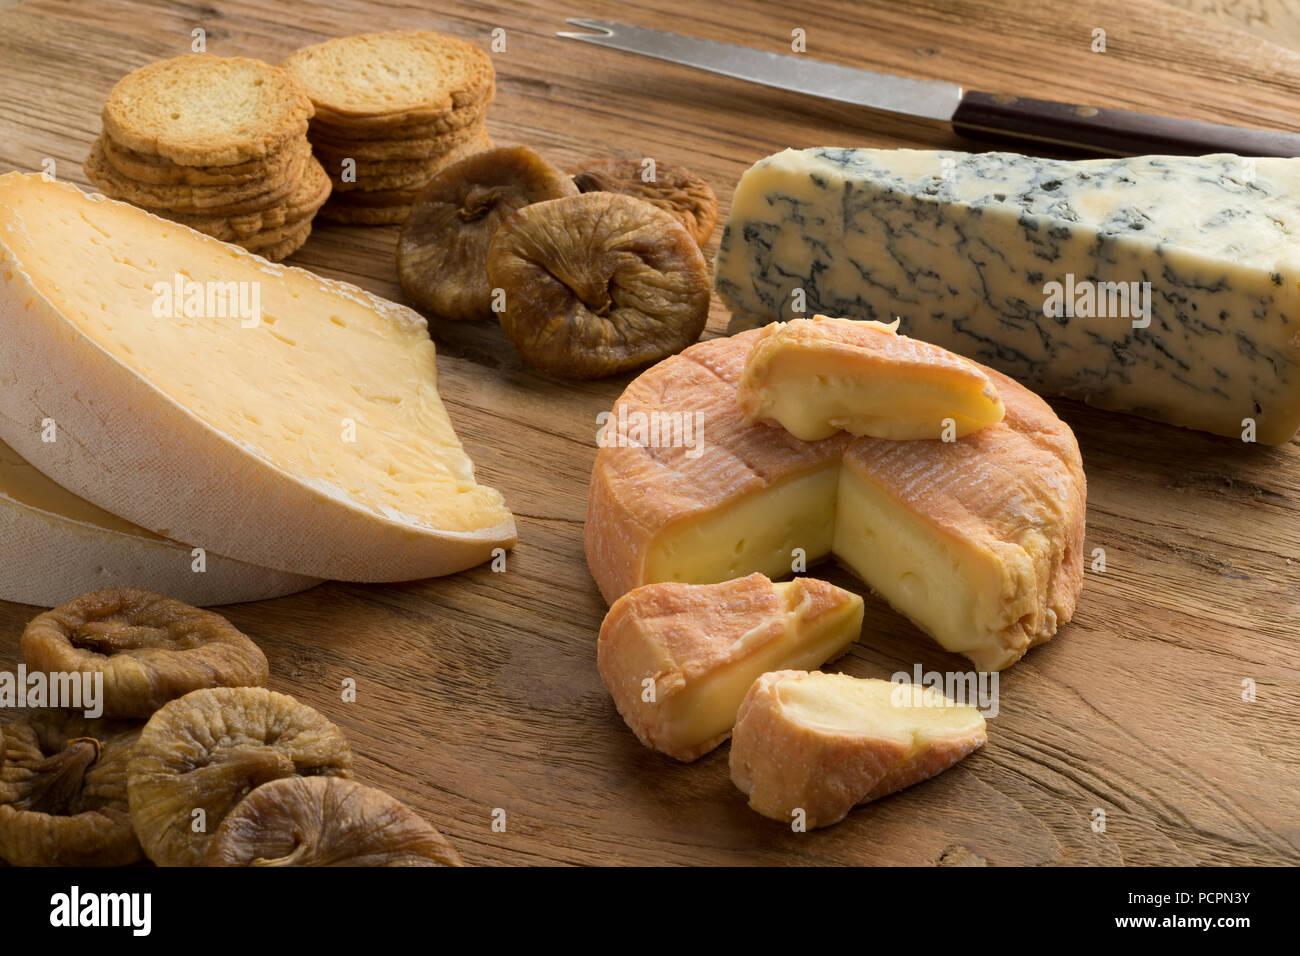 Scheda di formaggio con una varietà di formaggi, i fichi secchi e toast e per dessert Immagini Stock